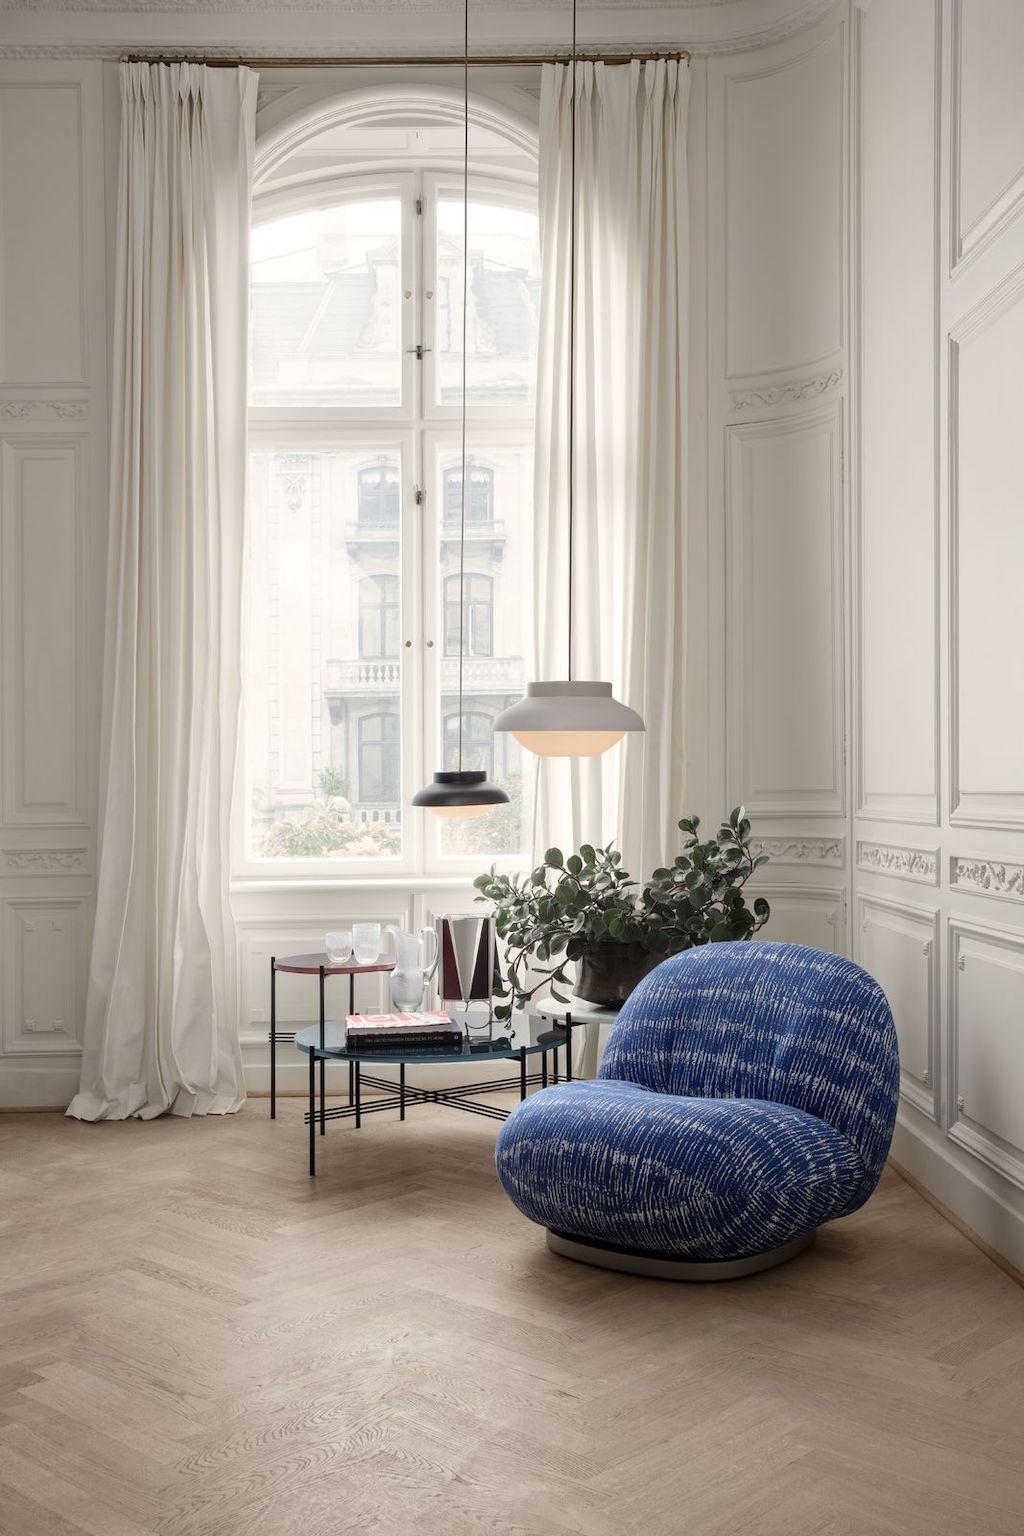 Gubi TS Couchtisch in weißem Altbau mit hellen Vorhängen und blauem Polstersessel